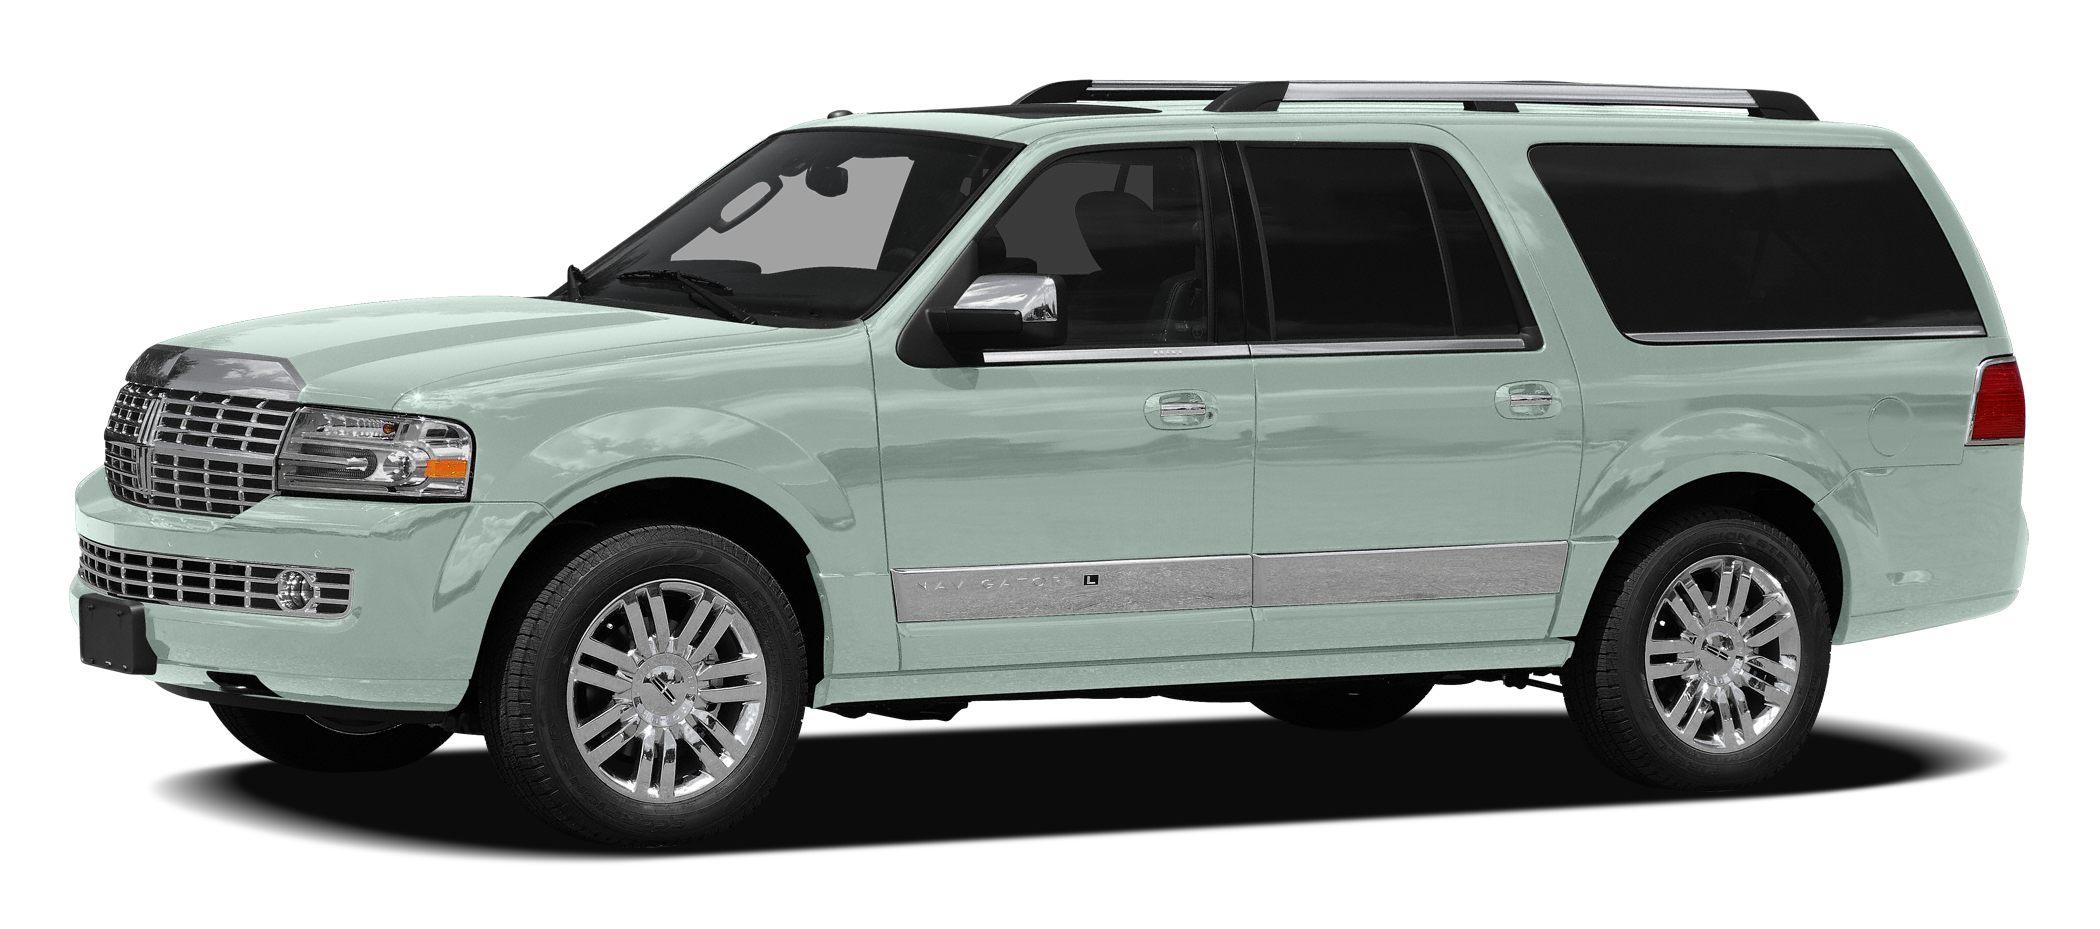 2010 Lincoln Navigator L Miles 133508Color Silver Stock 16EX5A VIN 5LMJJ3J56AEJ01523